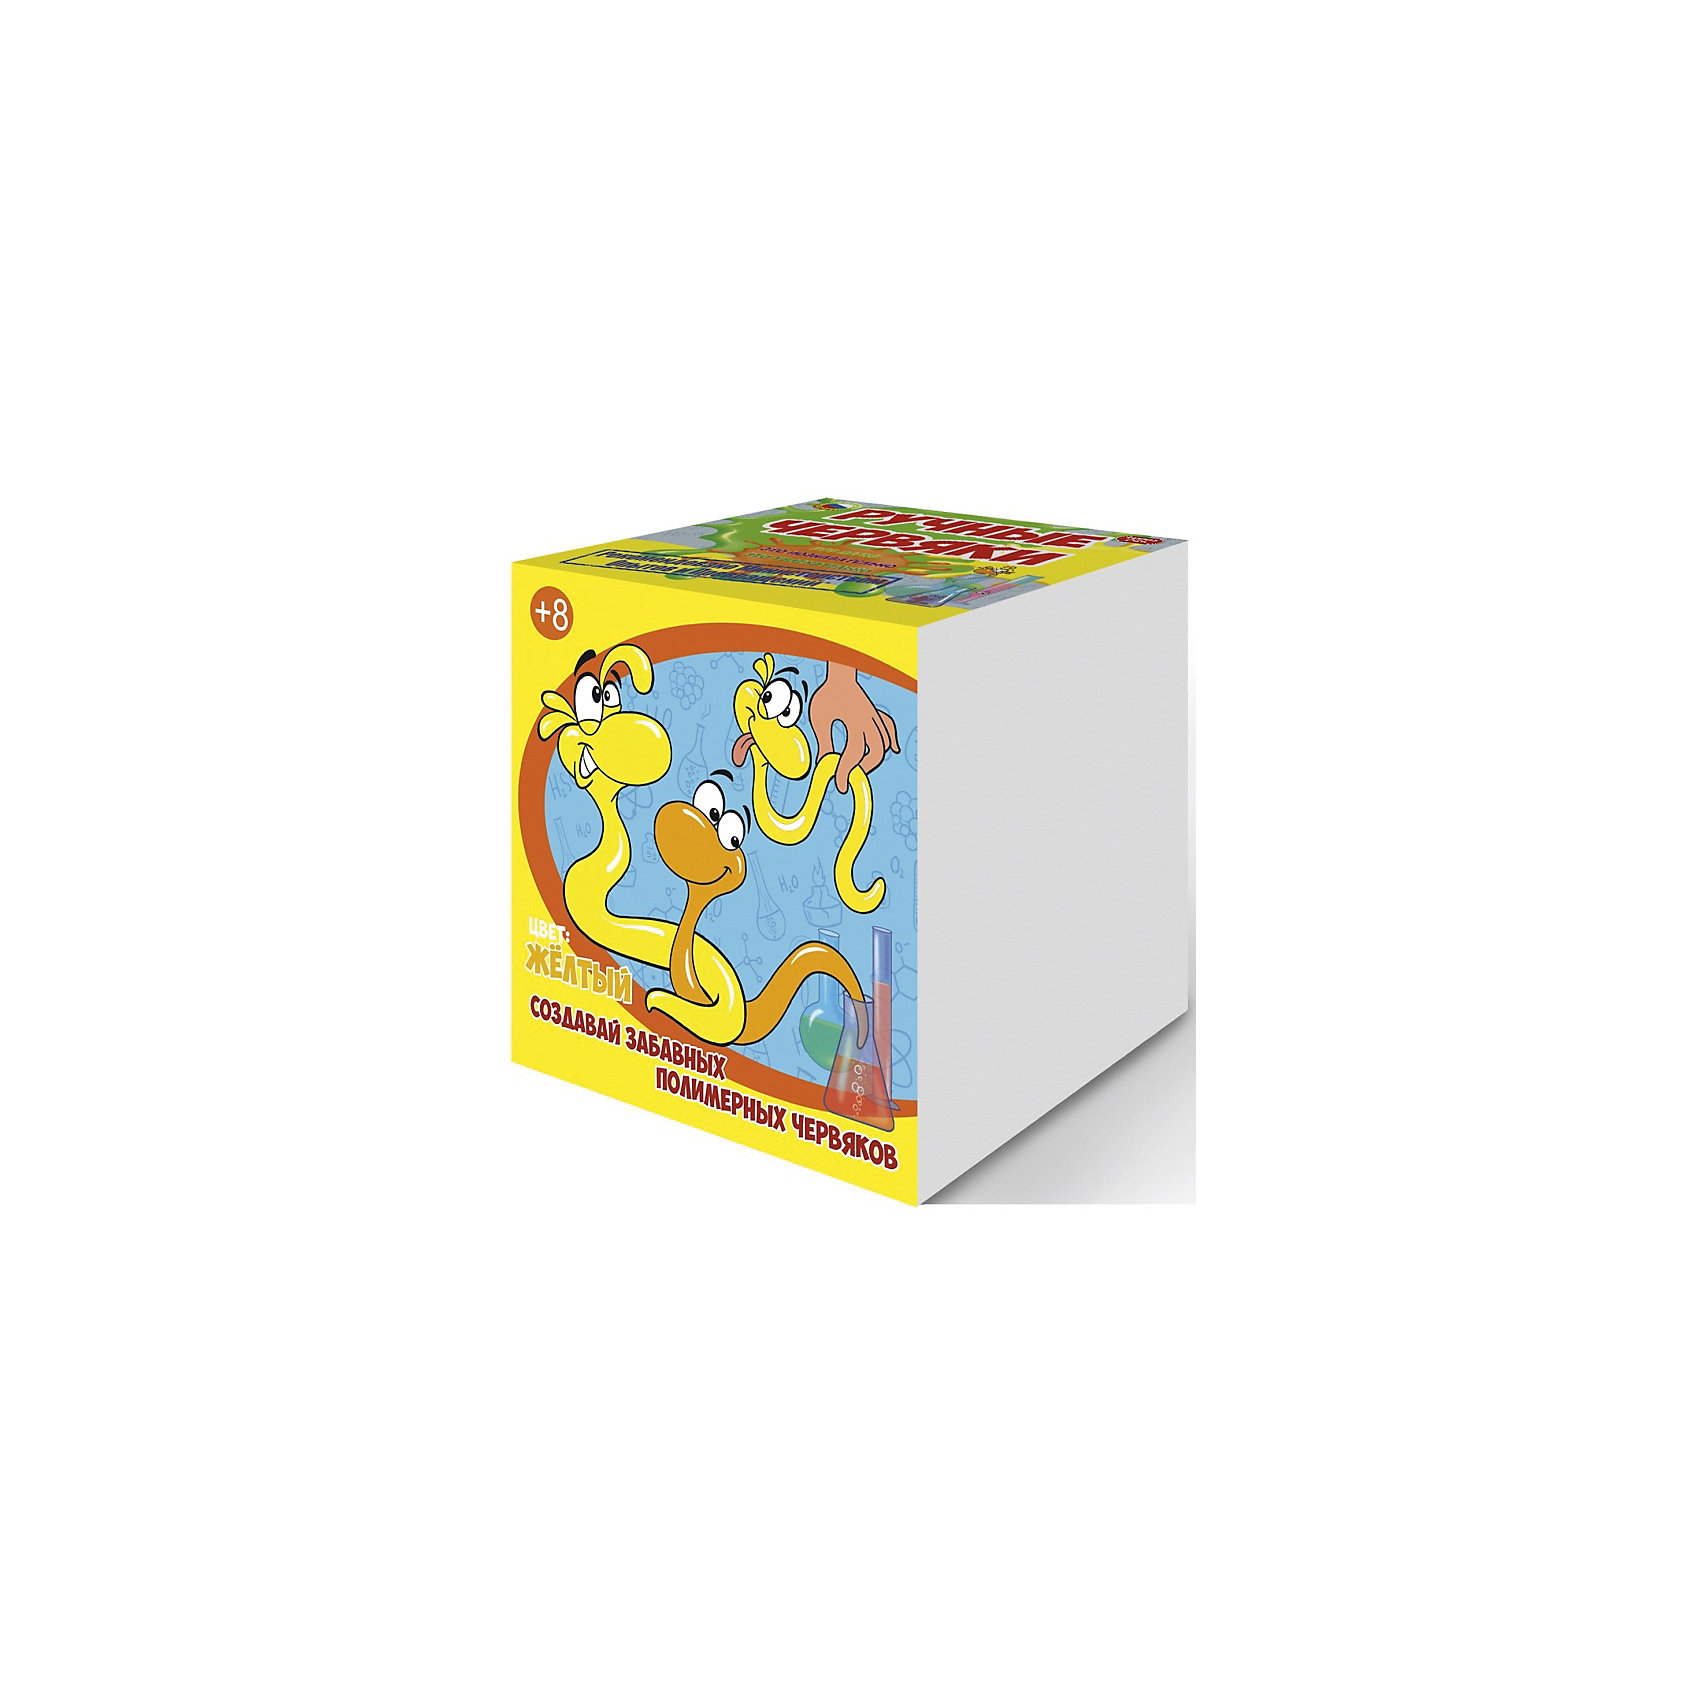 Набор для опытов Цветные полимерные червяки, цвет желтый, GOOD FUNЭксперименты и опыты<br>Характеристики:<br><br>• возраст: от 8 лет<br>• в наборе: альгинат натрия, хлорид кальция, краситель, пластиковый мерный стаканчик, пластиковый цветной стаканчик, перчатки, мерная ложечка, 2 палочки для размешивания, шприц без иглы, инструкция<br>• дополнительно потребуется: стеклянная банка объемом не менее 0,5 л.<br>• для проведения опыта необходима помощь взрослых<br>• упаковка: картонная коробка<br>• размер упаковки: 12,5х12,5х12,5 см.<br>• вес: 200 гр.<br><br>Набор для опытов «Цветные полимерные червяки» позволит ребенку не только весело и с пользой провести время за приготовлением длинных червяков желтого цвета, но и познакомится с веществами, которые обладают необычными свойствами - полимерами.<br><br>В набор входят реактивы и приспособления для изготовления полимерных червяков. Эксперимент прост, не надо ничего нагревать и долго ждать, поэтому ребенок справится самостоятельно. Но контроль со стороны взрослых обязателен. Реагенты, входящие в состав, являются пищевыми добавками, поэтому процедура максимально безопасна. Готовых червяков можно растягивать, завязывать в узлы, заплетать в косички.<br><br>Набор для опытов «Цветные полимерные червяки» от GOOD FUN (ГУД ФАН) – это легко, познавательно и увлекательно.<br><br>Набор для опытов Цветные полимерные червяки, цвет желтый, GOOD FUN (ГУД ФАН) можно купить в нашем интернет-магазине.<br><br>Ширина мм: 125<br>Глубина мм: 125<br>Высота мм: 125<br>Вес г: 250<br>Возраст от месяцев: 96<br>Возраст до месяцев: 2147483647<br>Пол: Унисекс<br>Возраст: Детский<br>SKU: 6863126